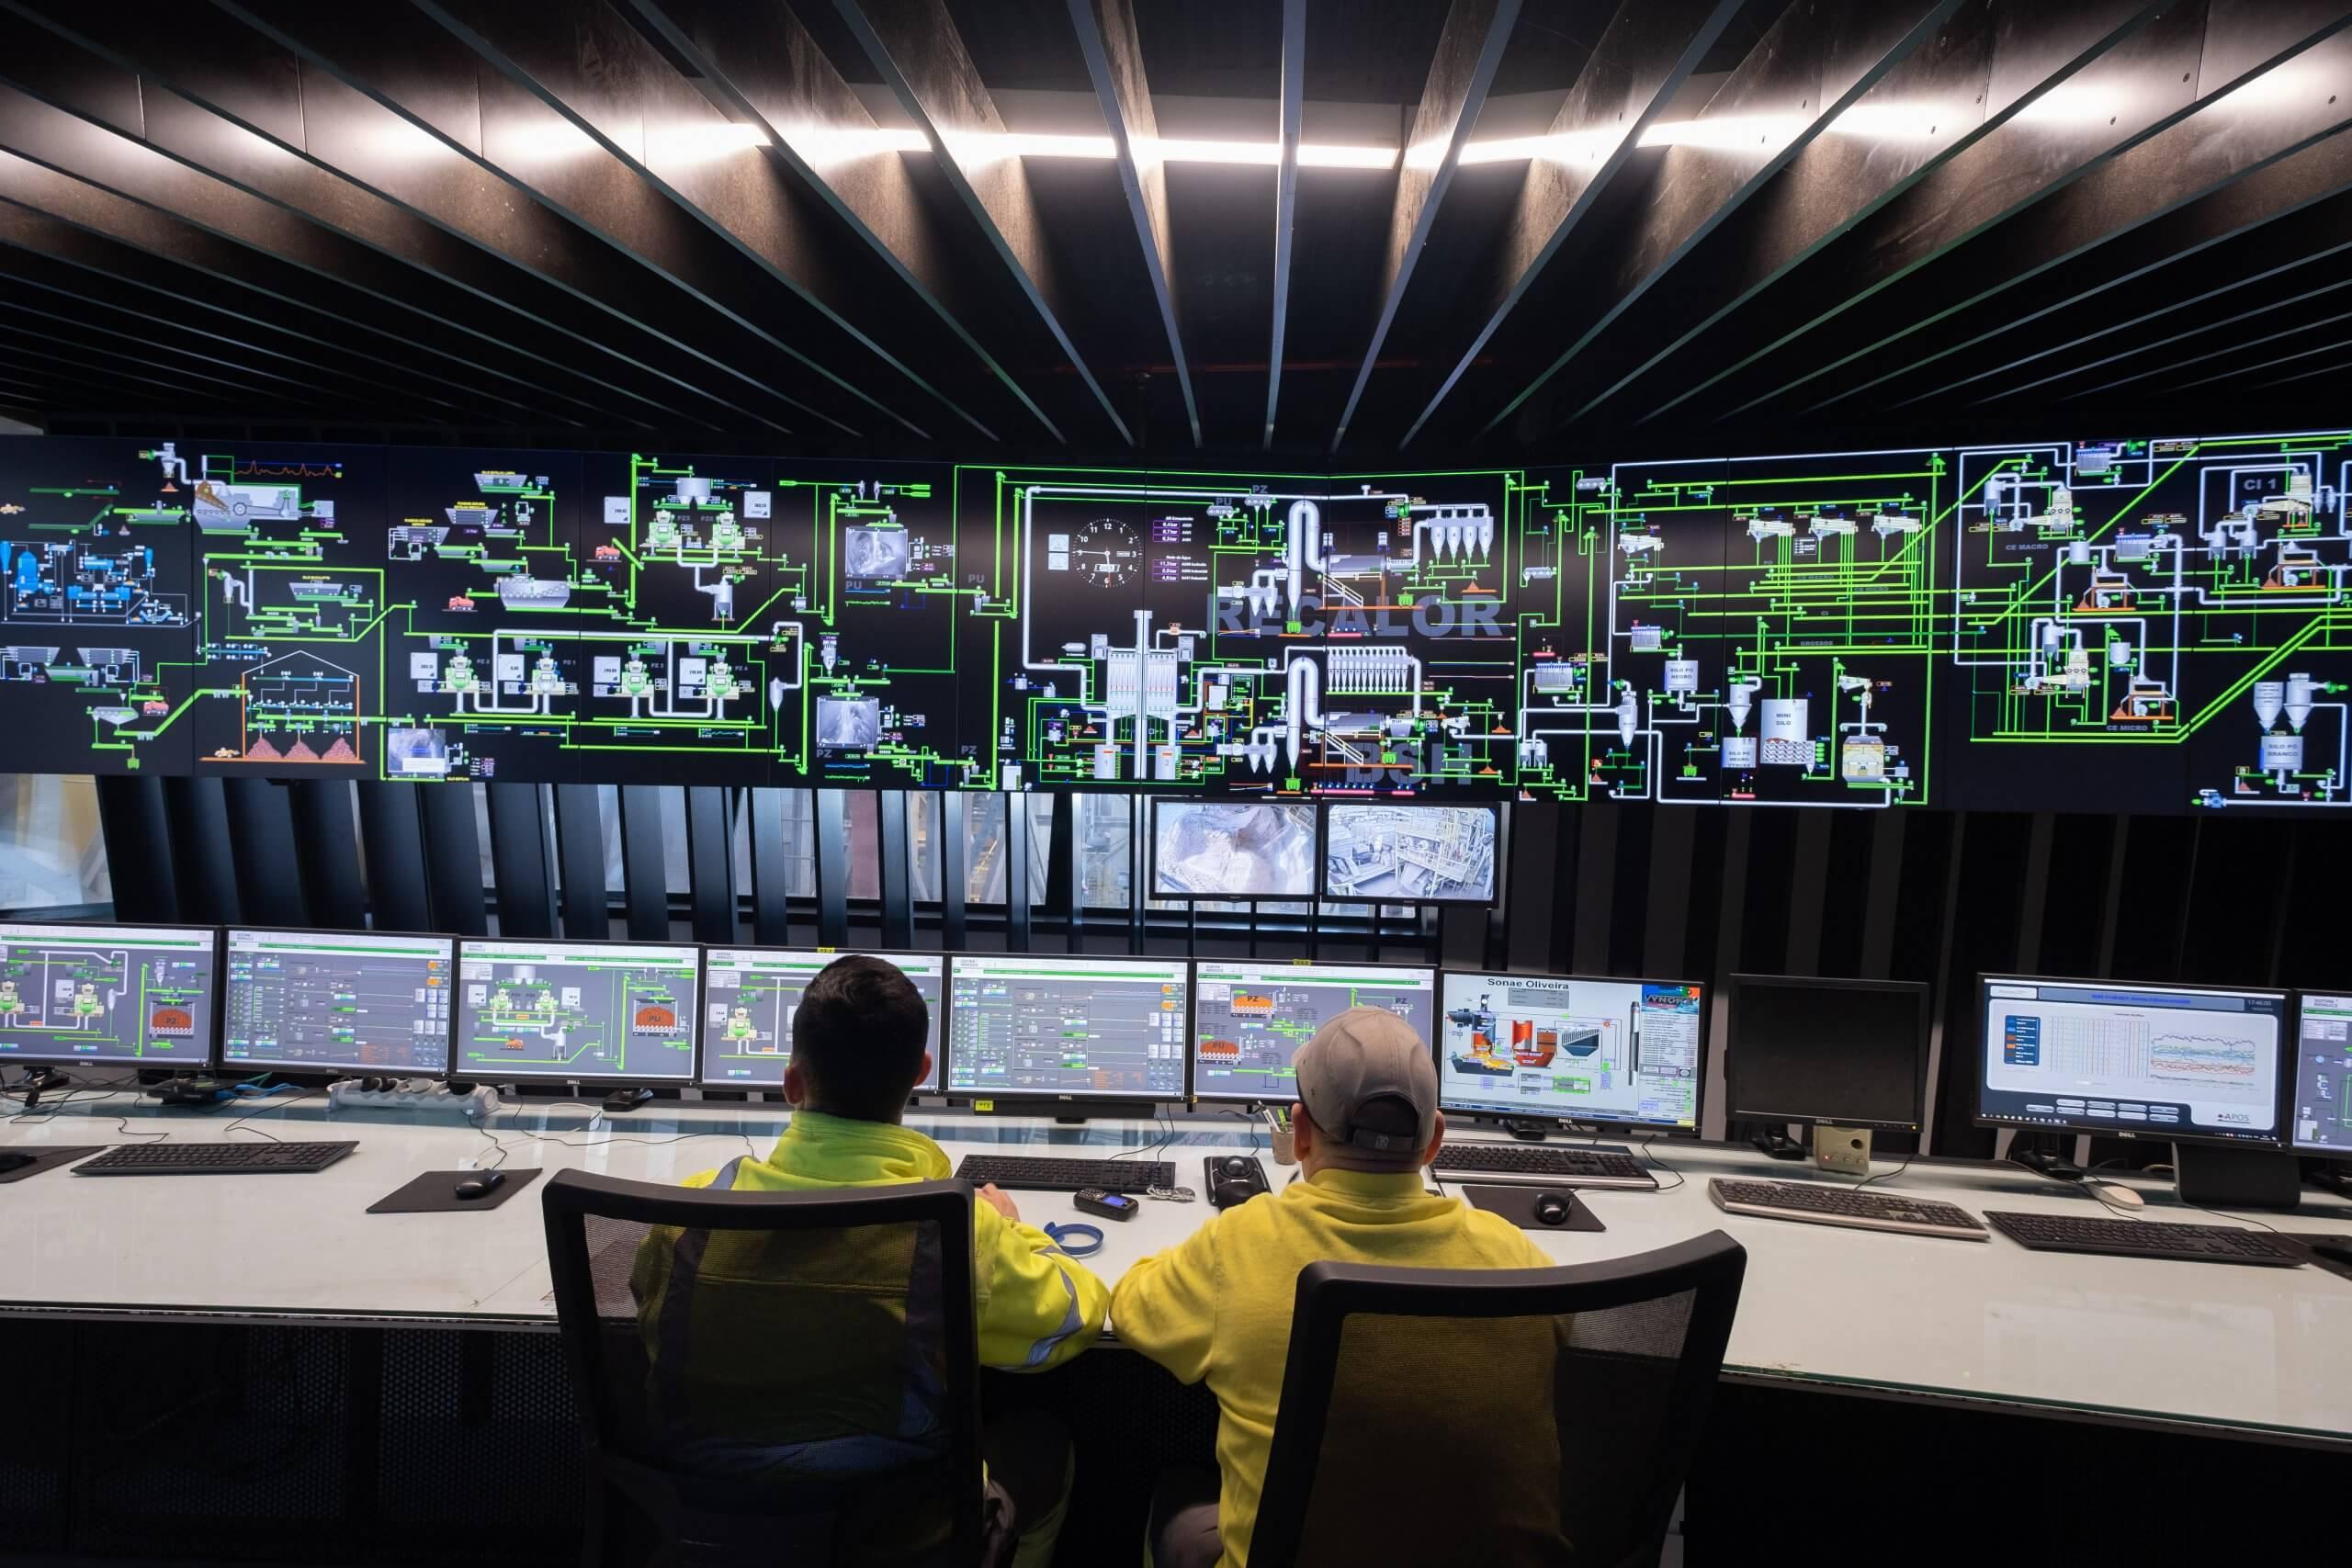 Indústria 4.0: Projeto liderado por entidades portuguesas destacado entre os melhores da Europa